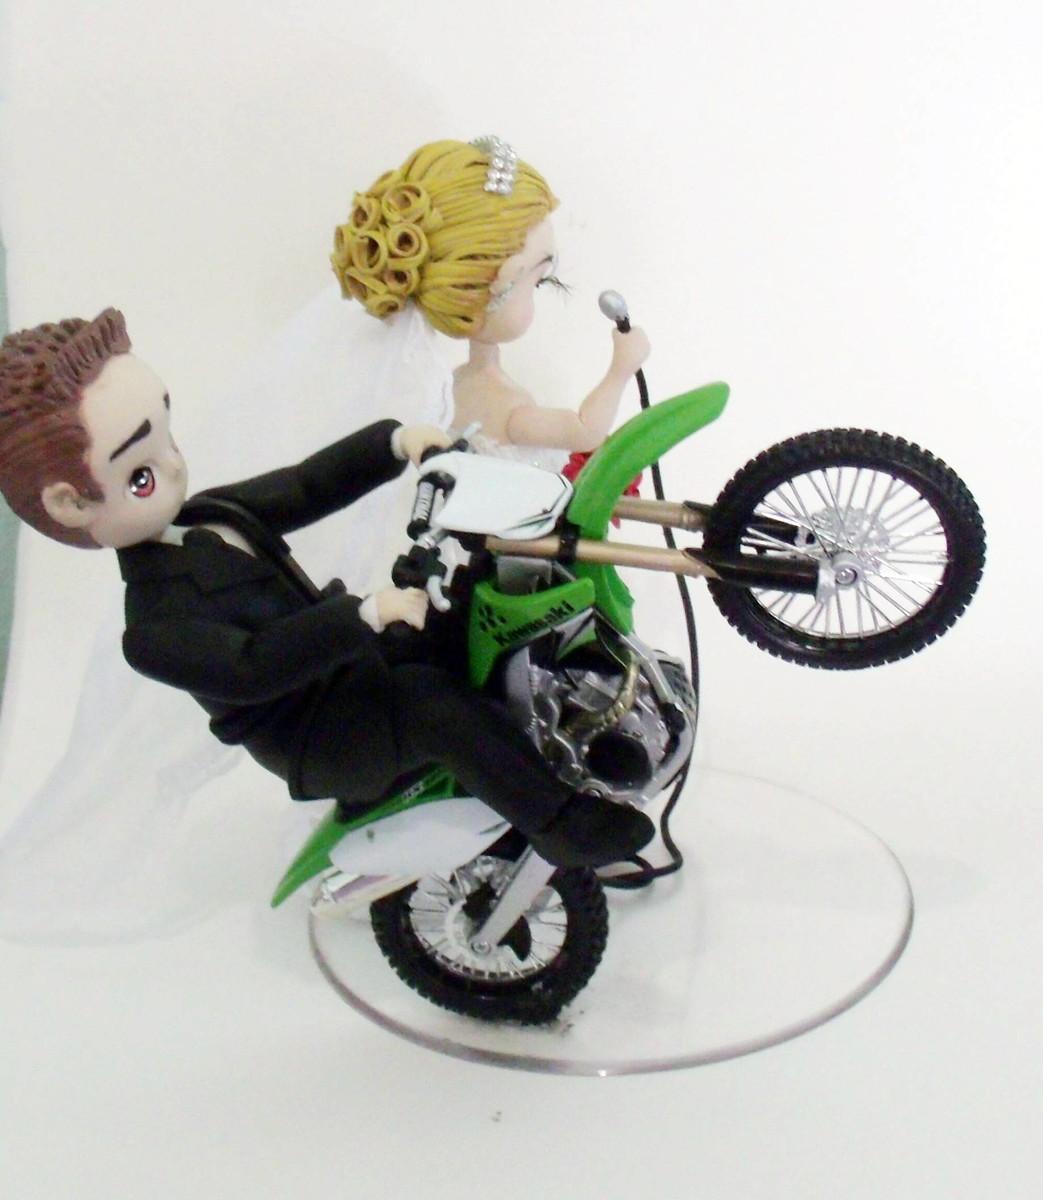 image Na moto com a bundinha de fora